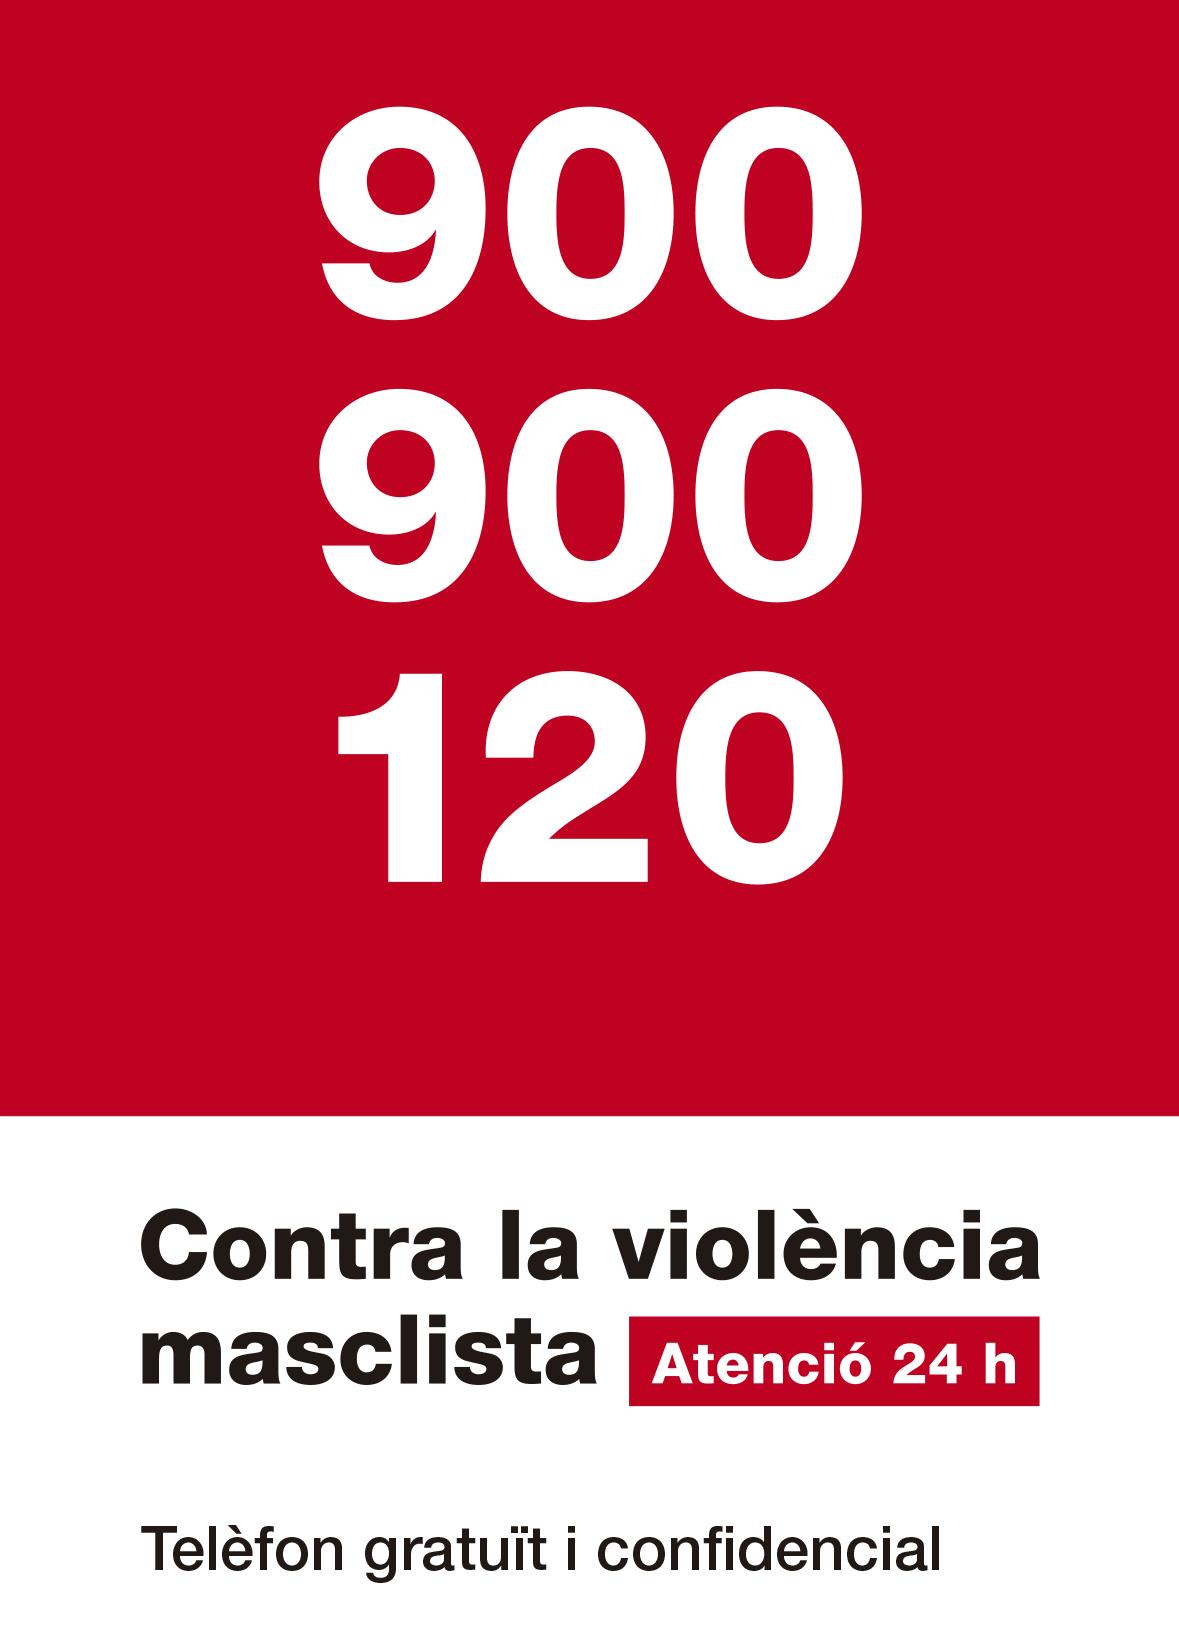 """Mesures contra la violència masclista: reforç de la línia 900, nou correu electrònic i campanya """"Establiment segur"""""""